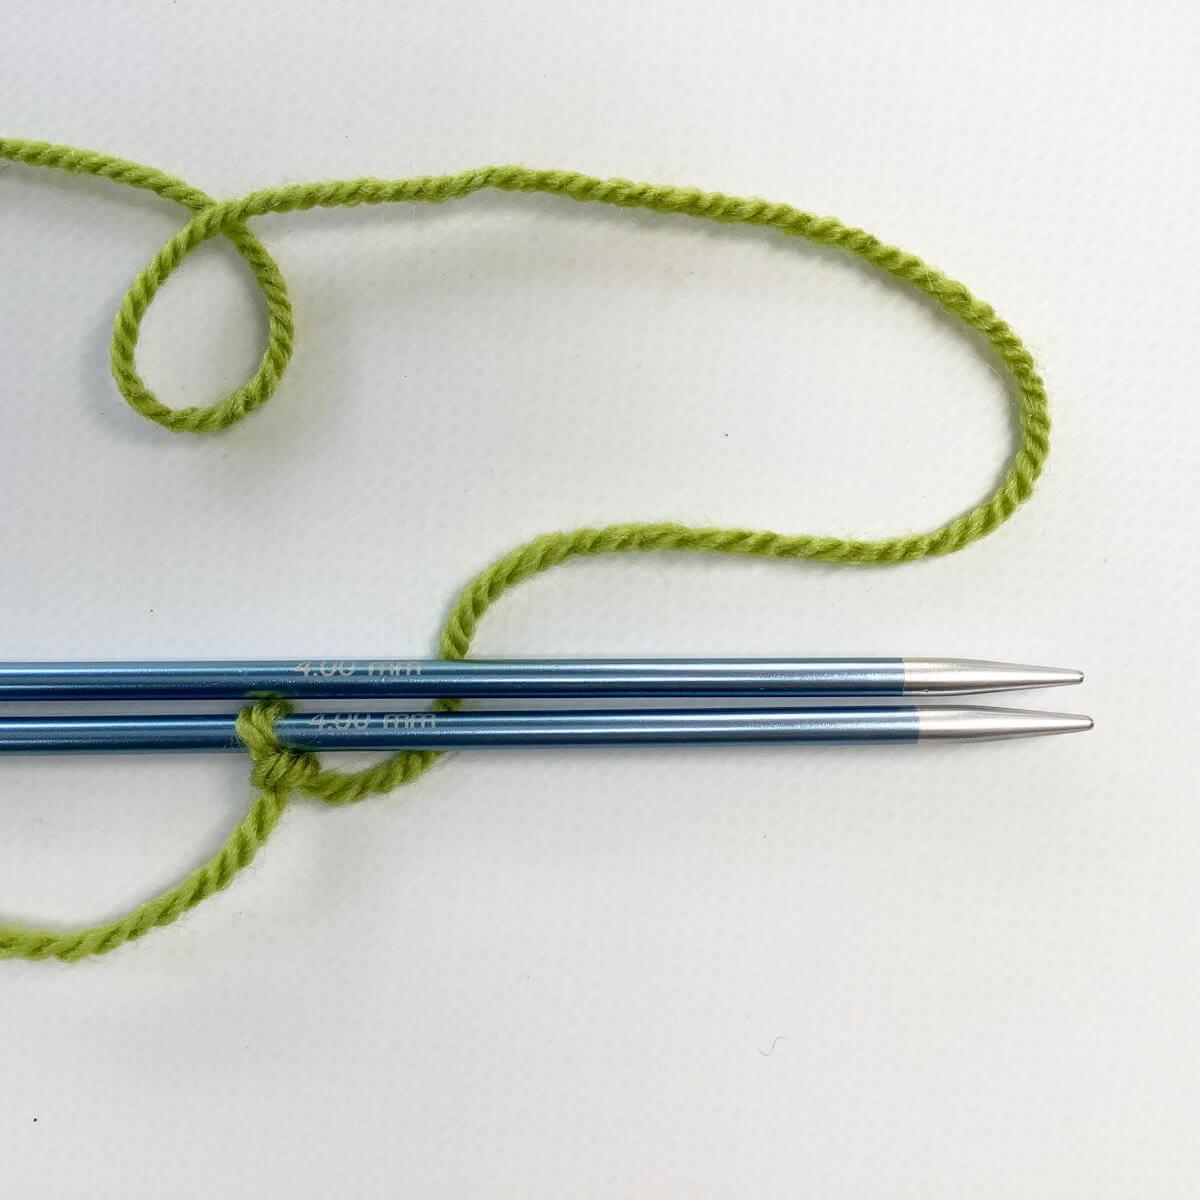 Arrange the needles